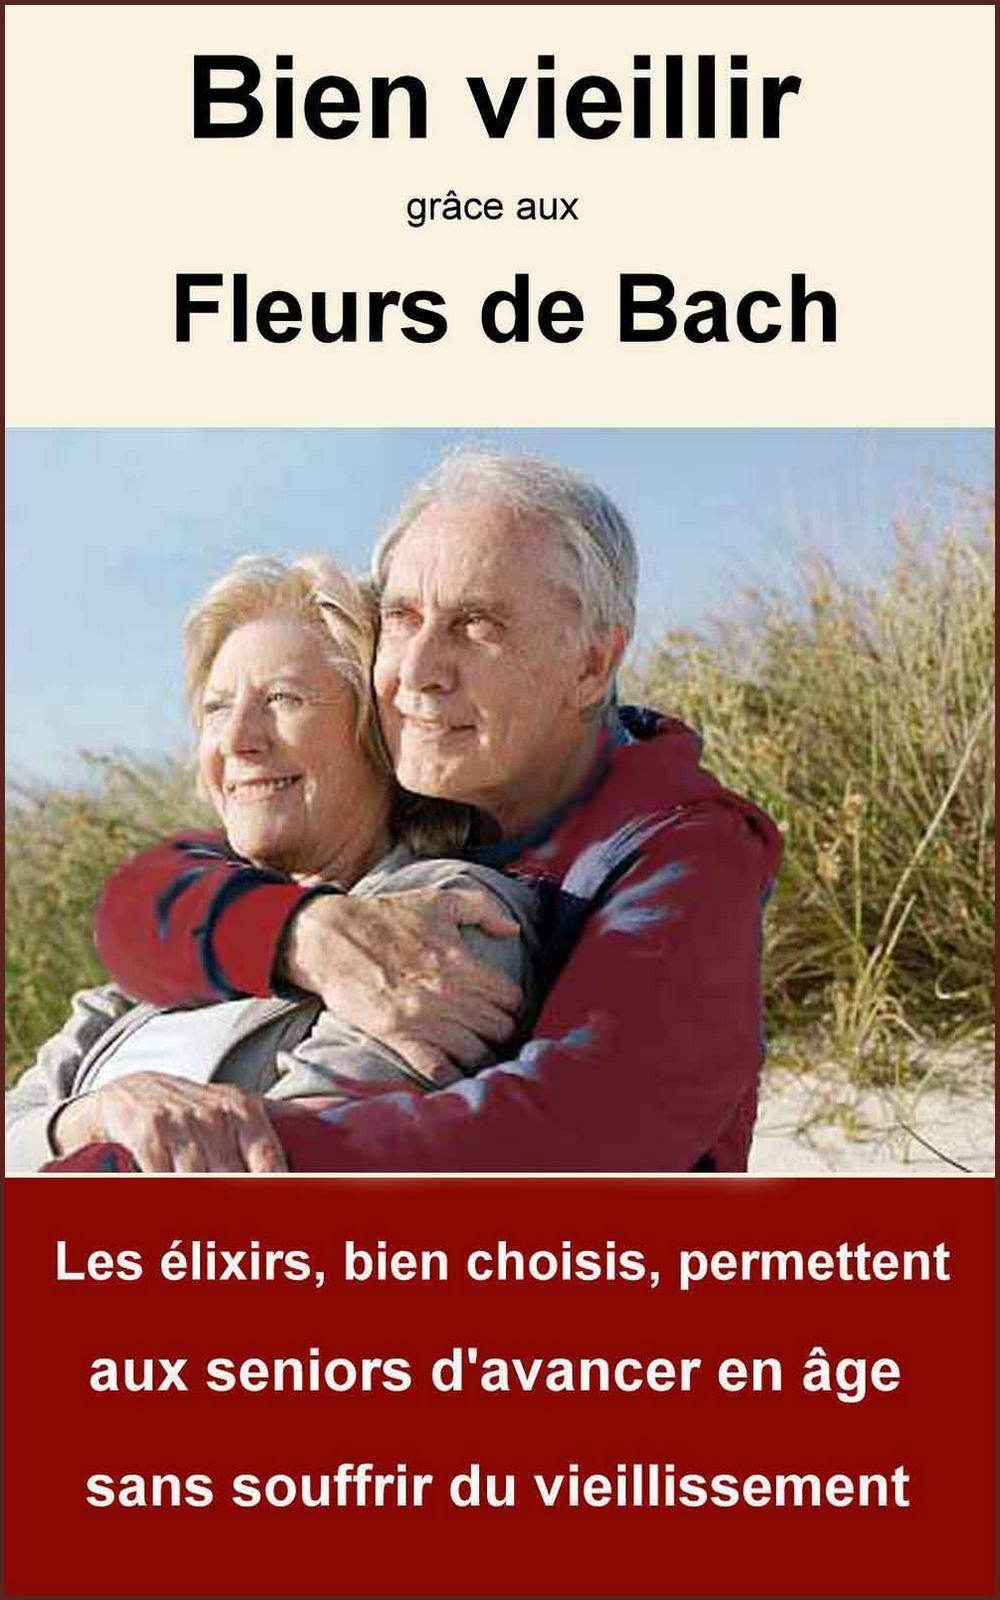 Fleurs de Bach pour les seniors